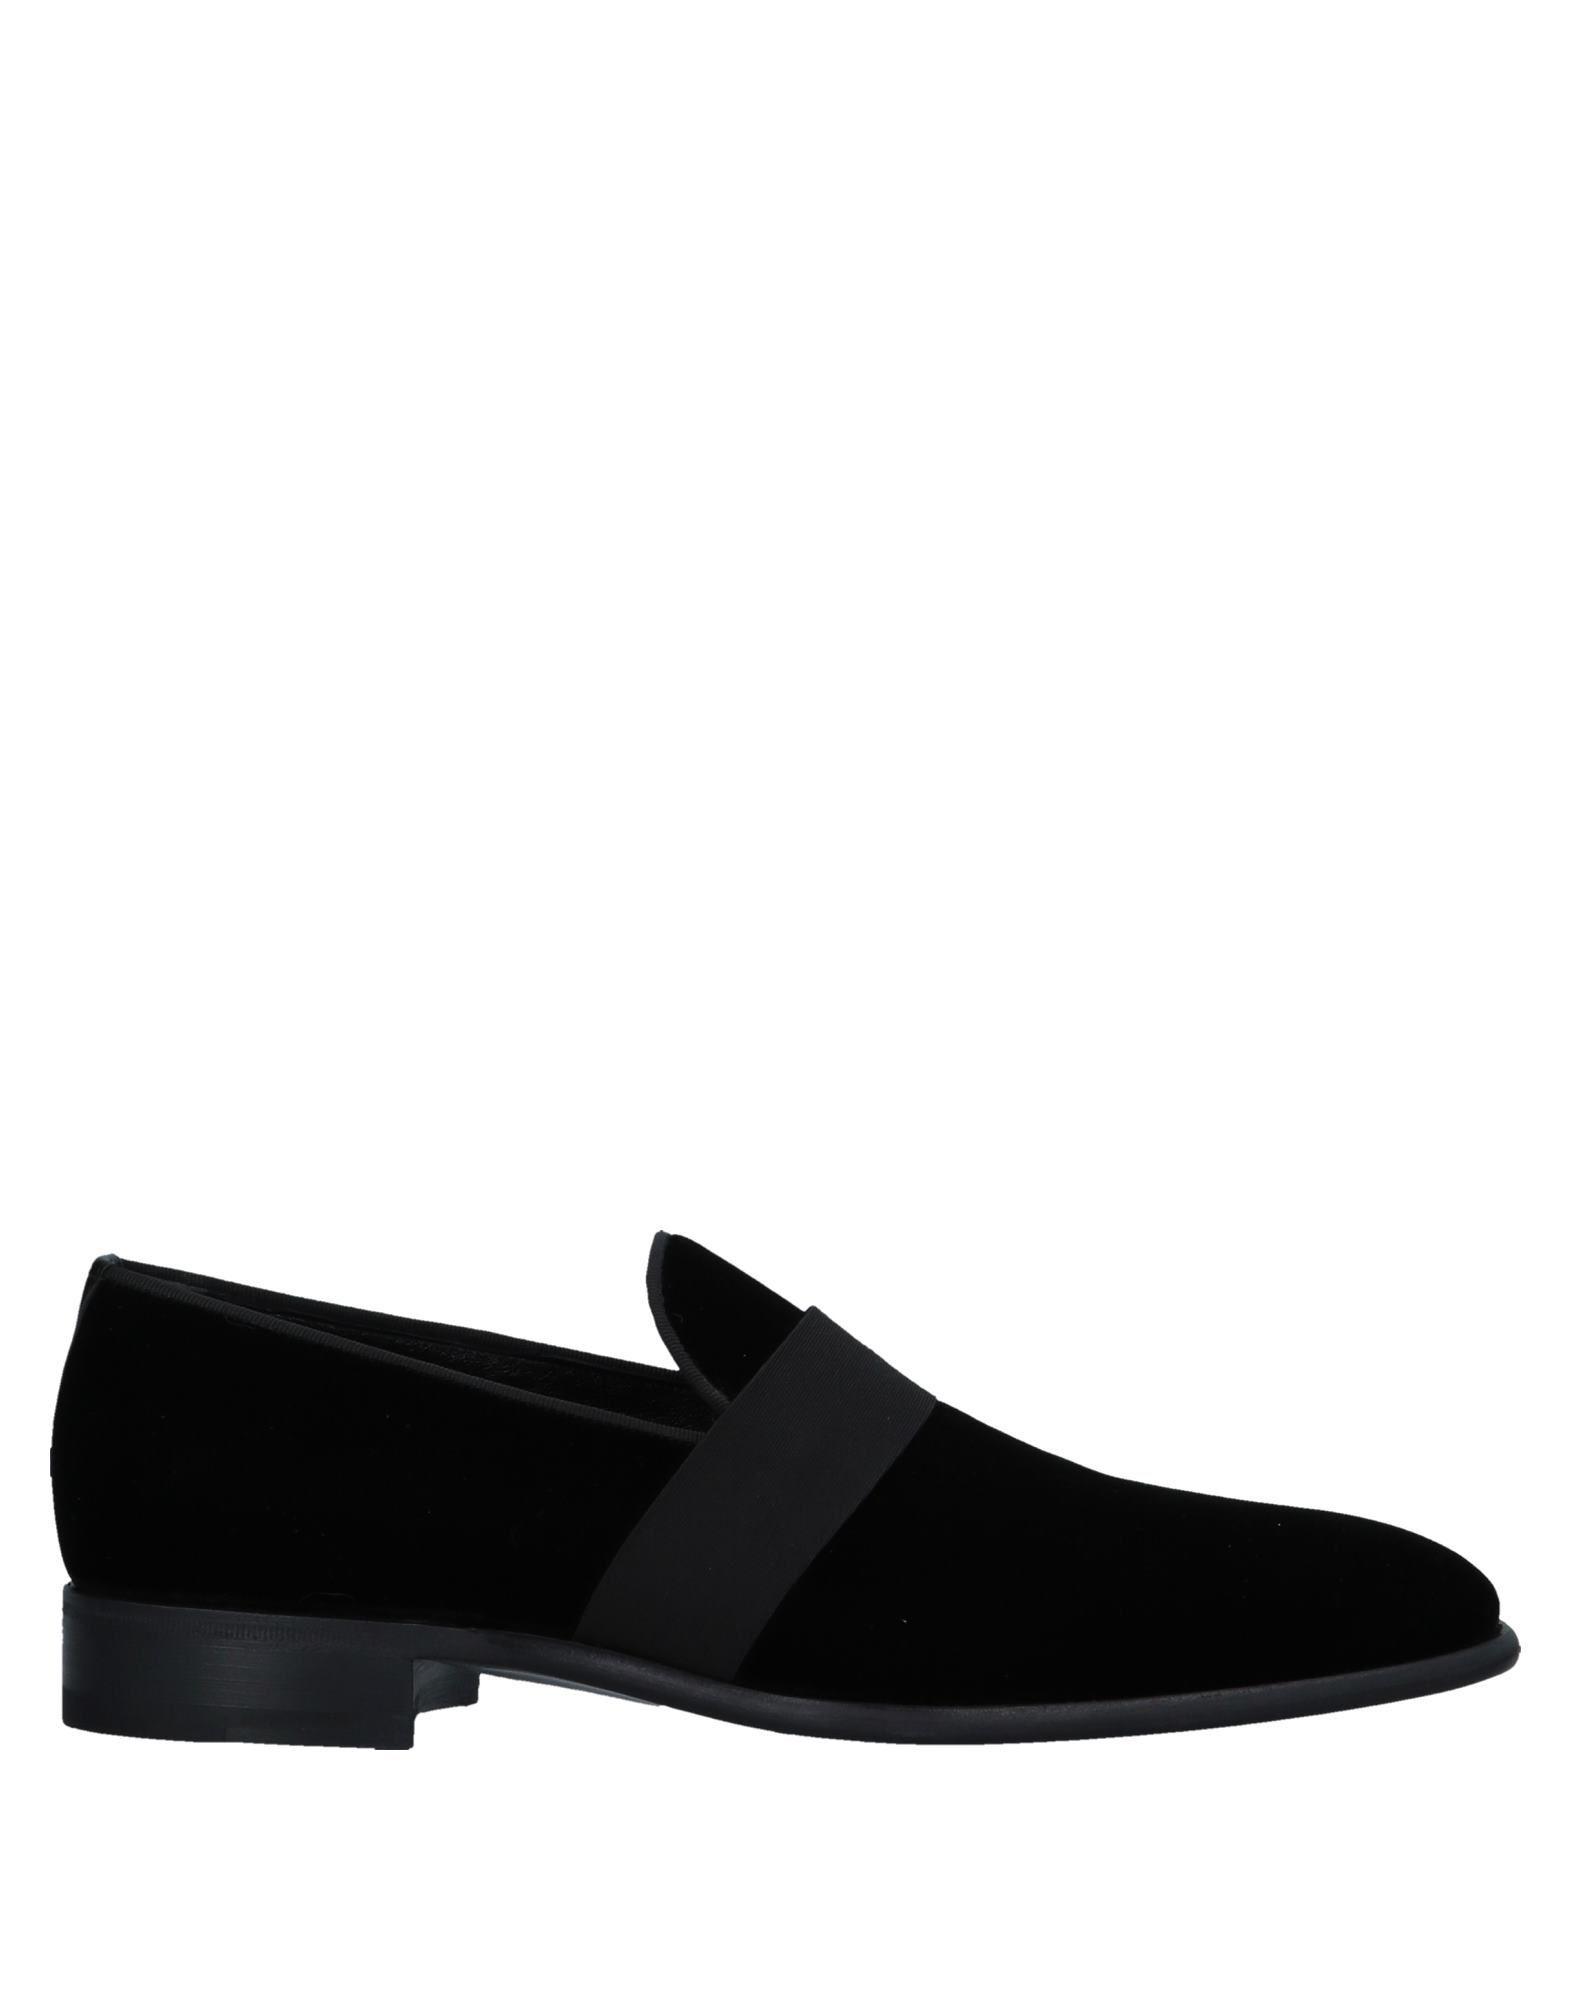 Santoni Black Velvet Loafers